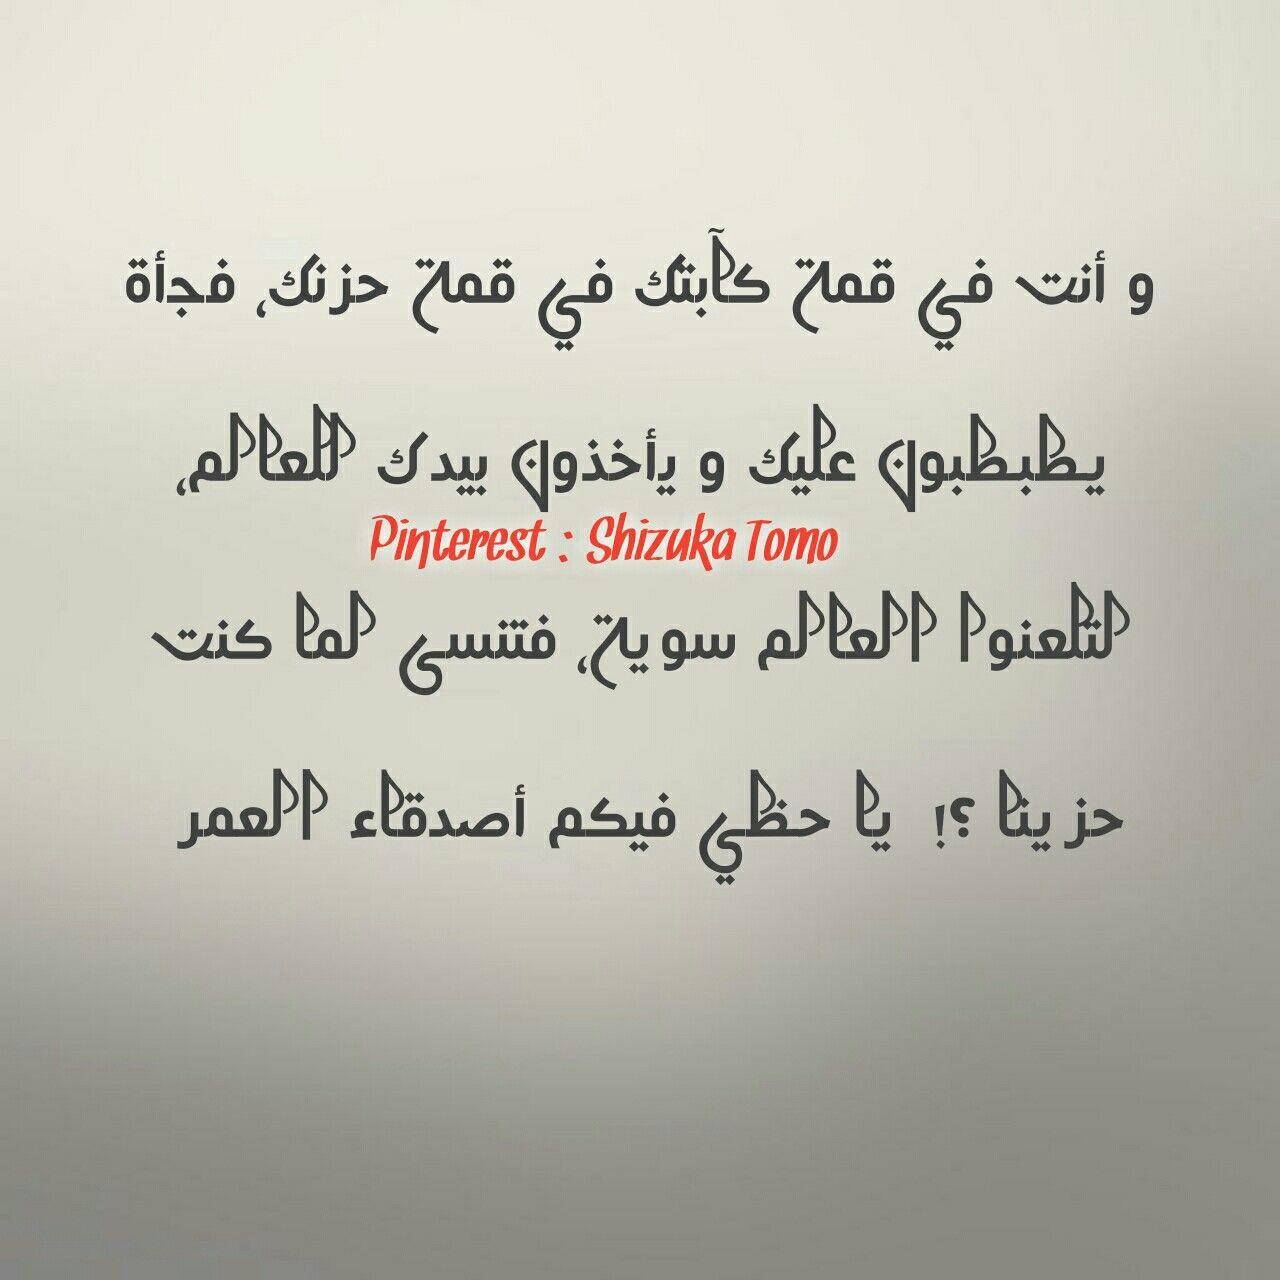 قد أكون فشلت في كل شيء لكن لم افشل في تكوين صداقات قوية ياحظي فيكم أحبكم رغم أني صديق سيء Words Ees Arabic Calligraphy